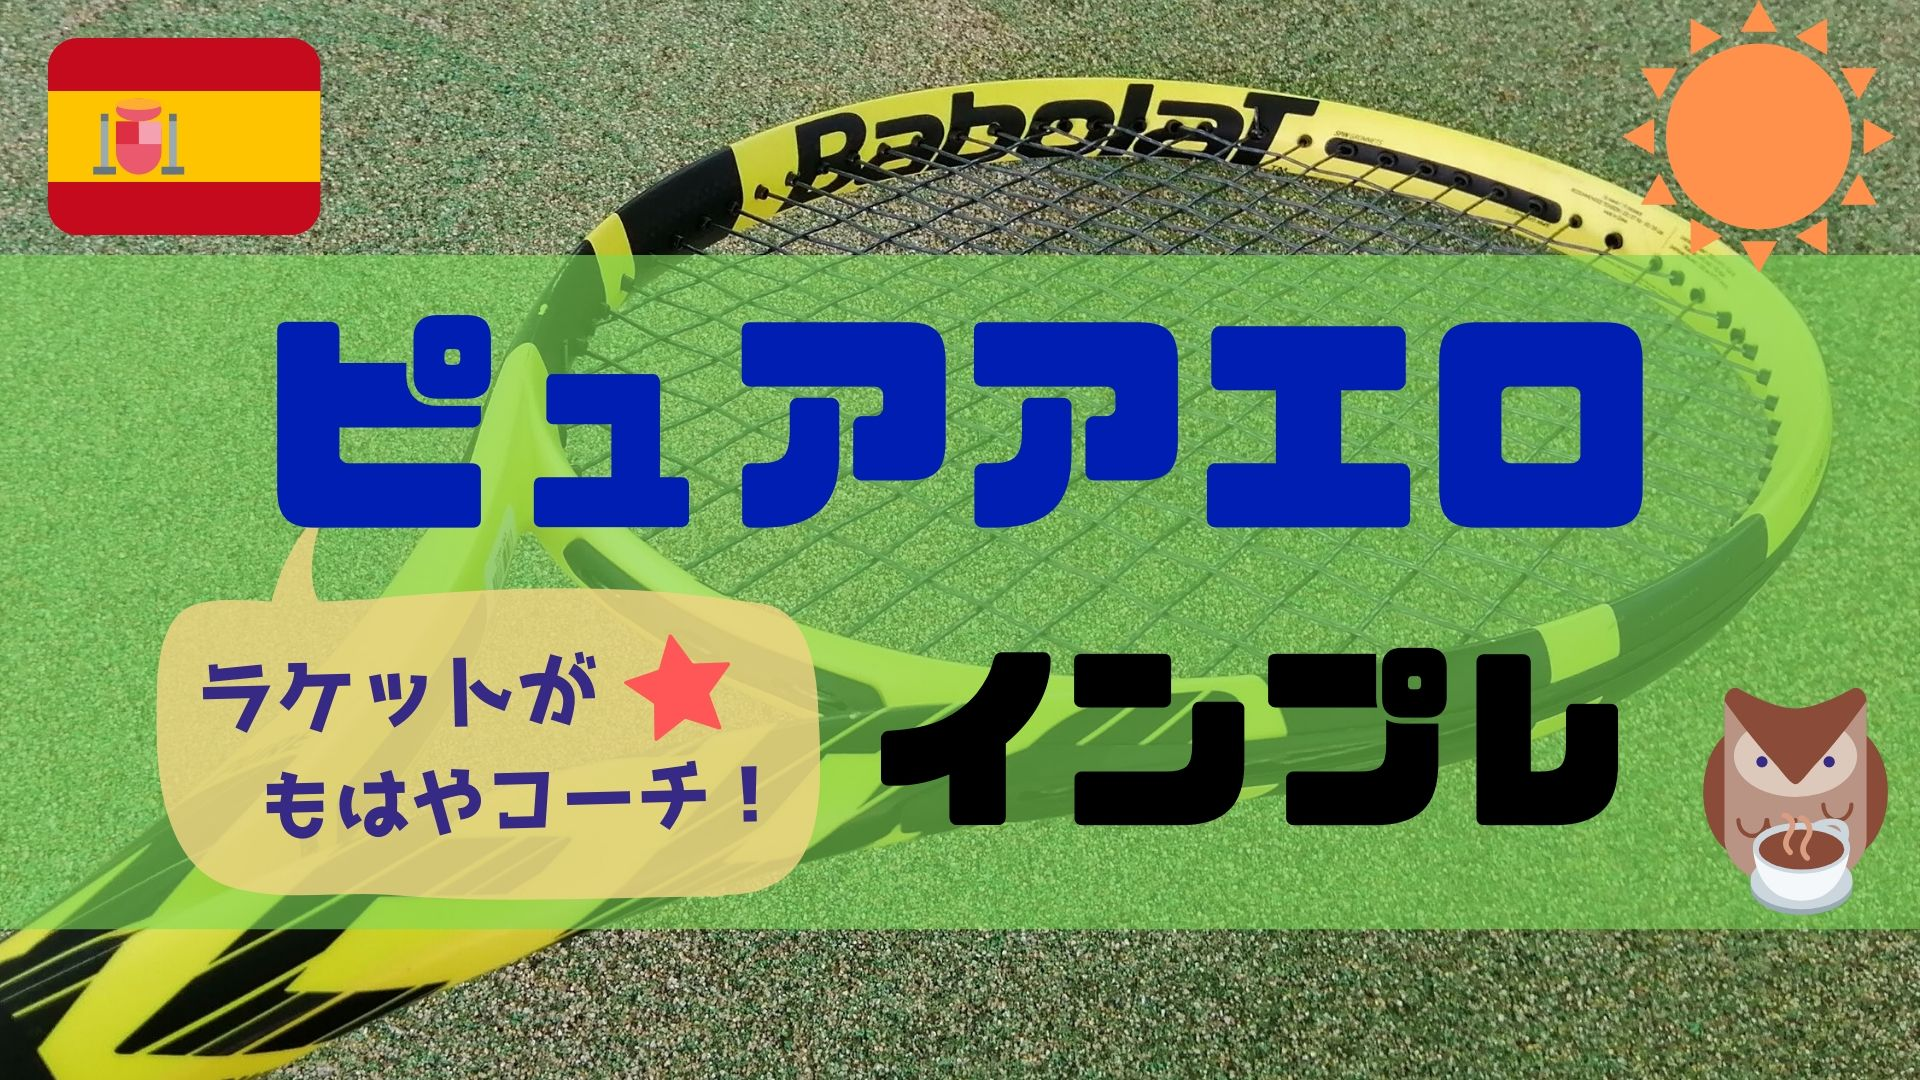 ピュアアエロ【インプレ・評価】バボラ Babolat